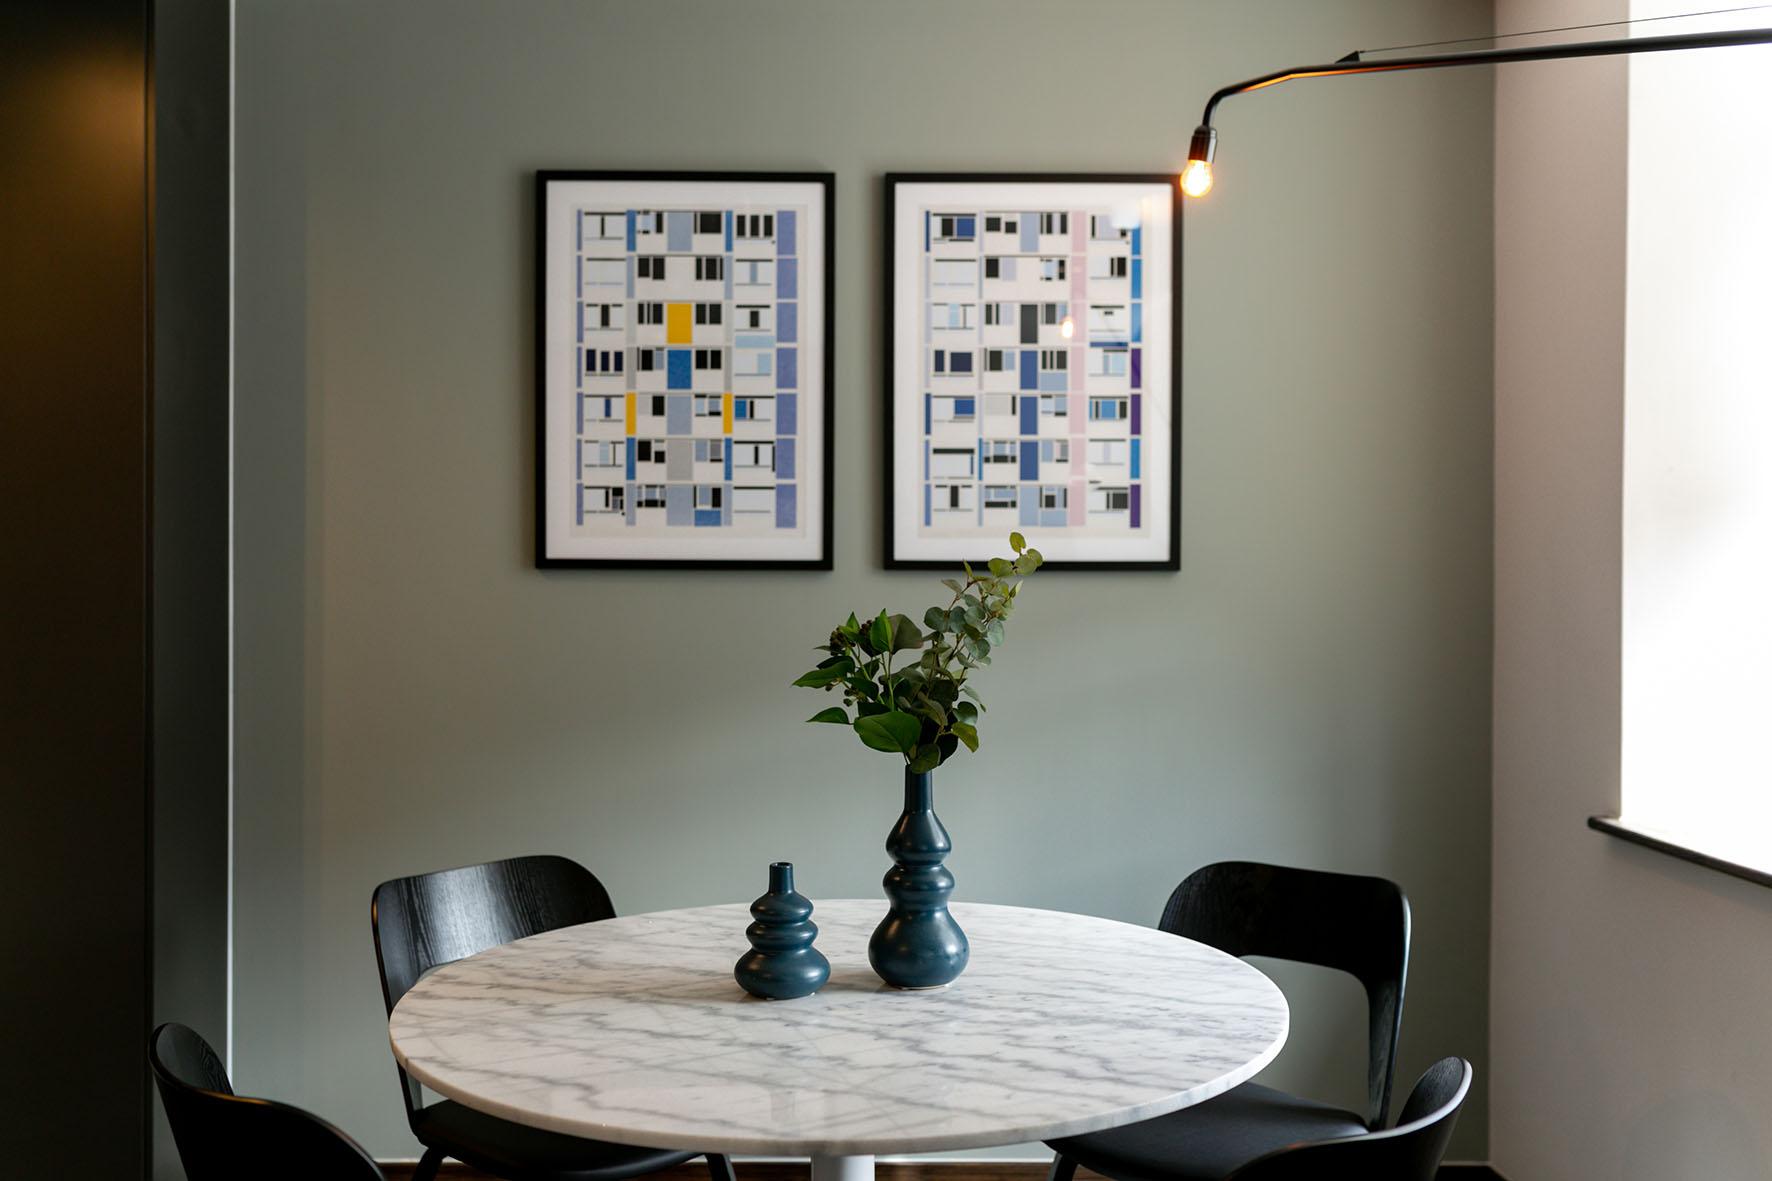 Lovelydays luxury service apartment rental - London - Soho - Oxford Street V - Lovelysuite - 1 bedrooms - 1 bathrooms - Dining living room - 343a5edd86d0 - Lovelydays